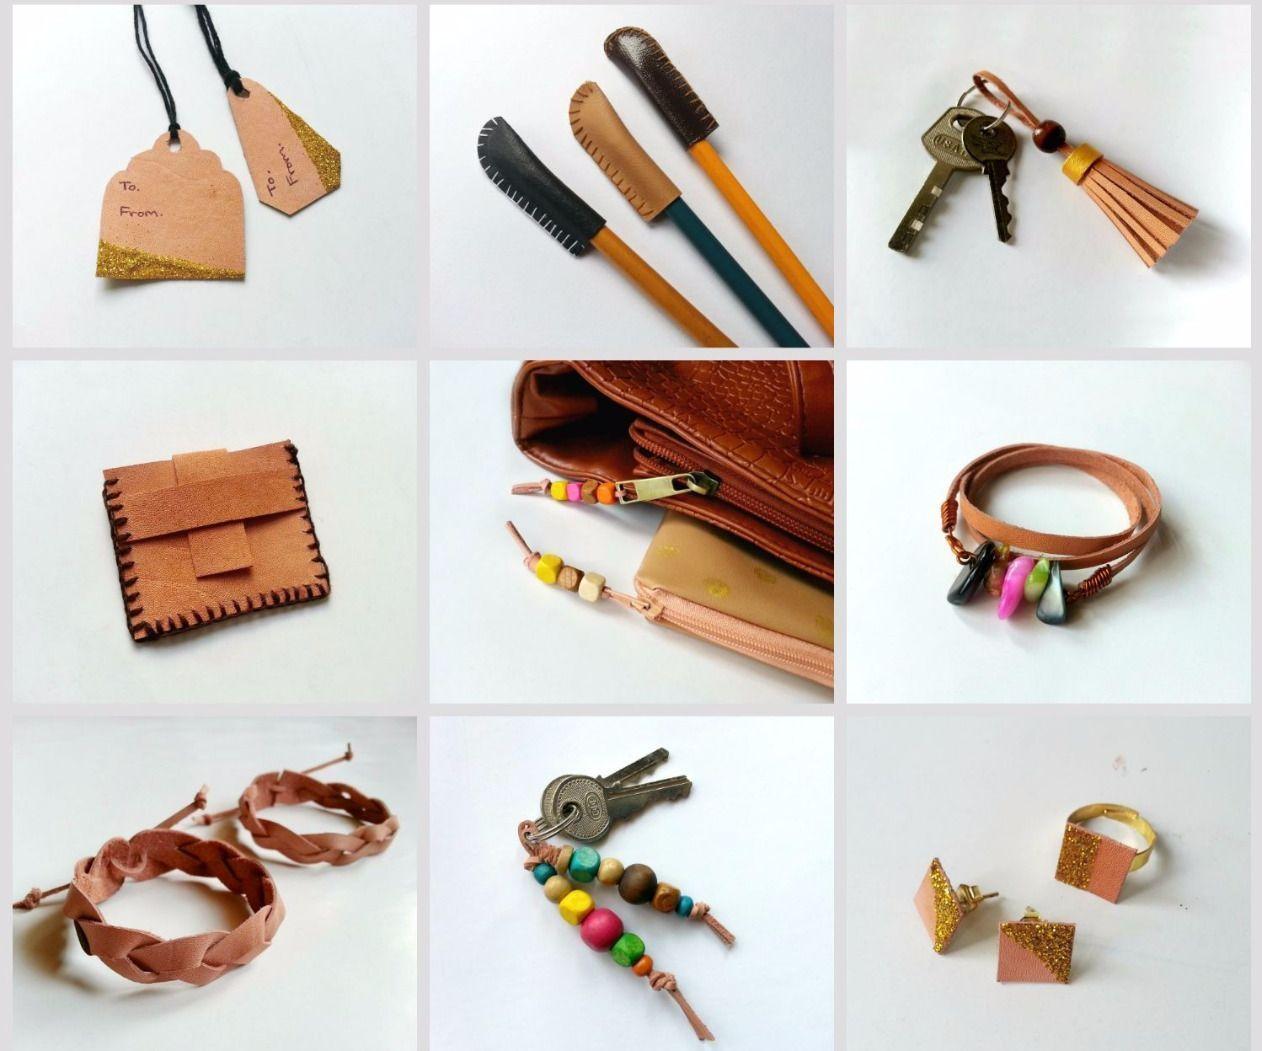 10+ Scrap leather for earrings ideas in 2021